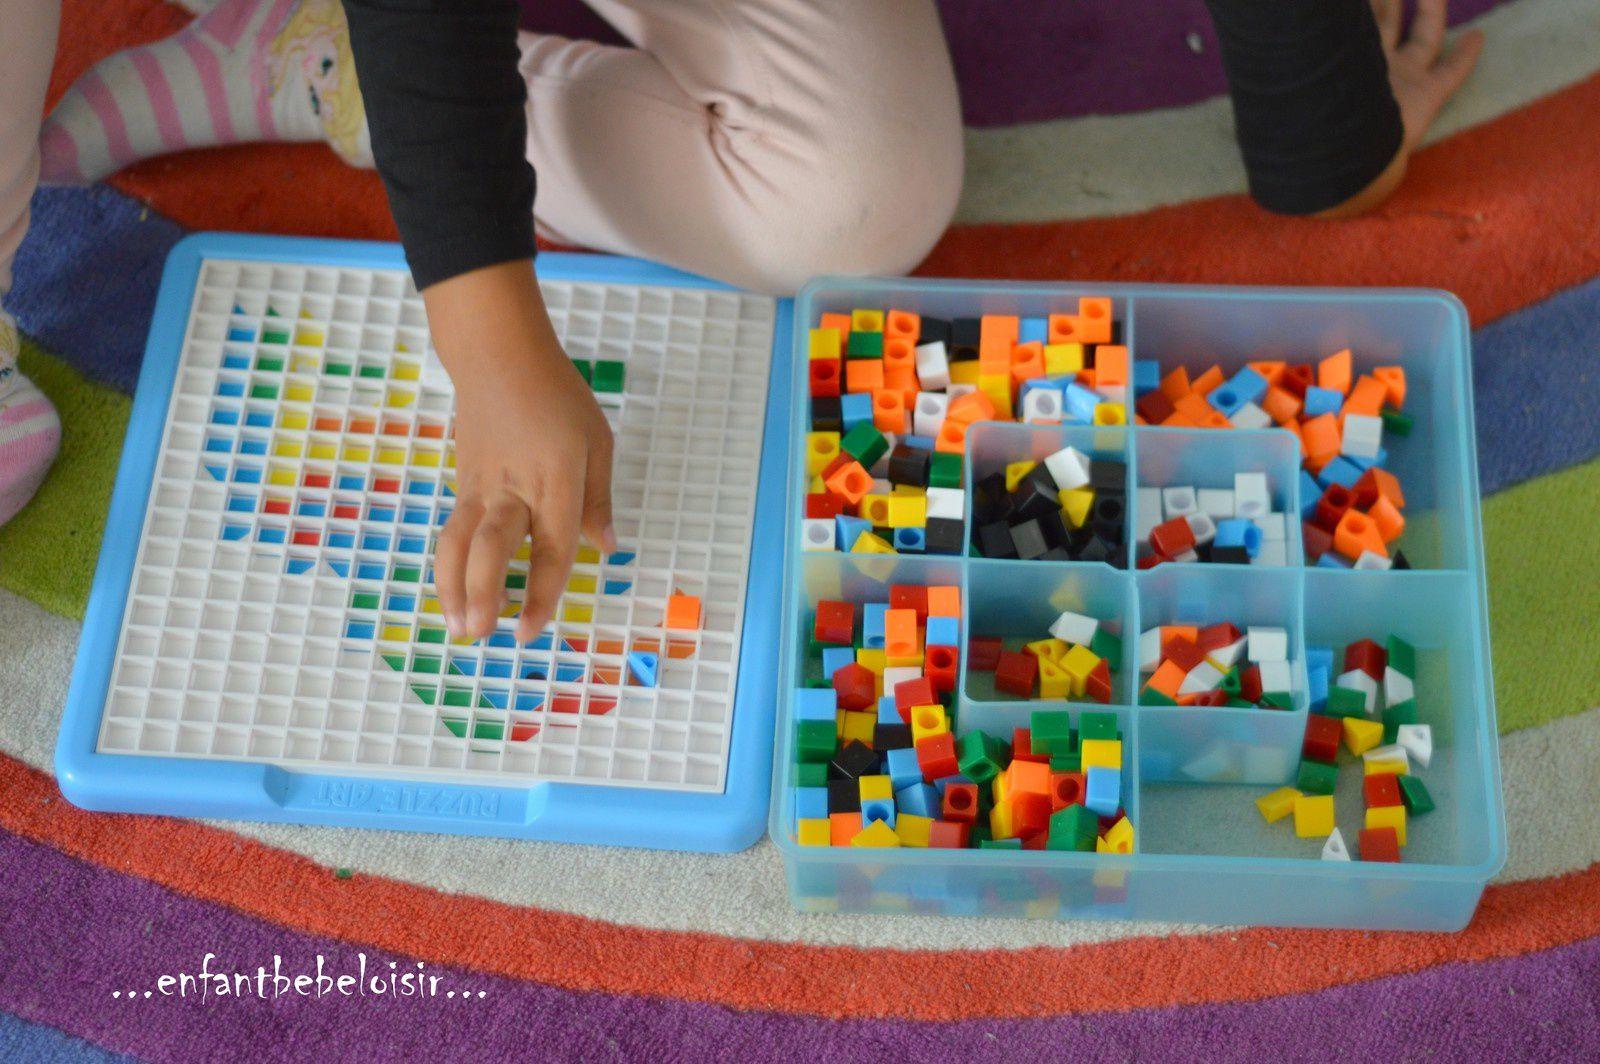 Jeux D'apprentissage Des Couleurs - Mozaïques - Enfant Bébé intérieur Jeux Pour Apprendre Les Couleurs